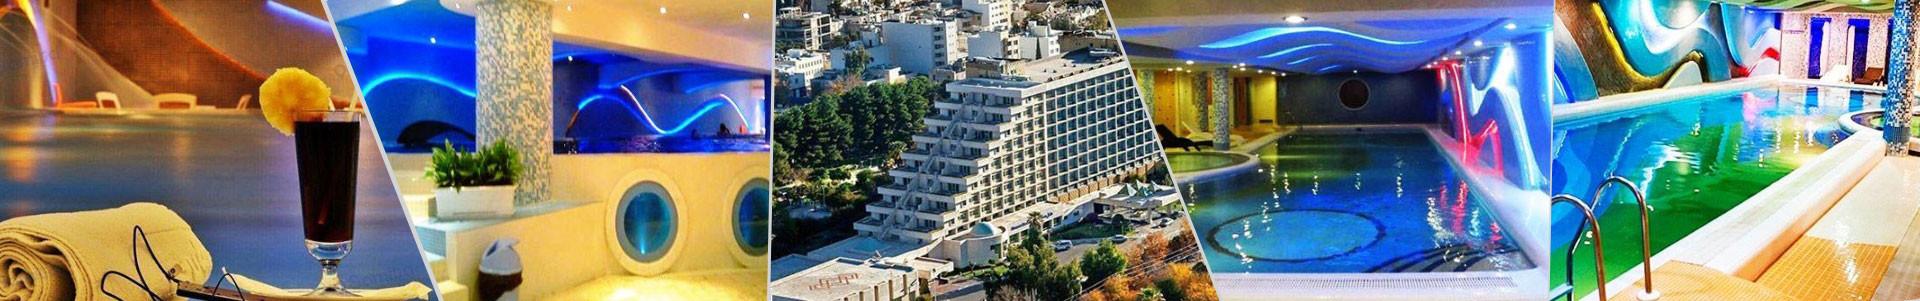 بهترین خرید بلیط استخر هتل هما شیراز با بیشترین درصد تخفیف در قیمت - 27%